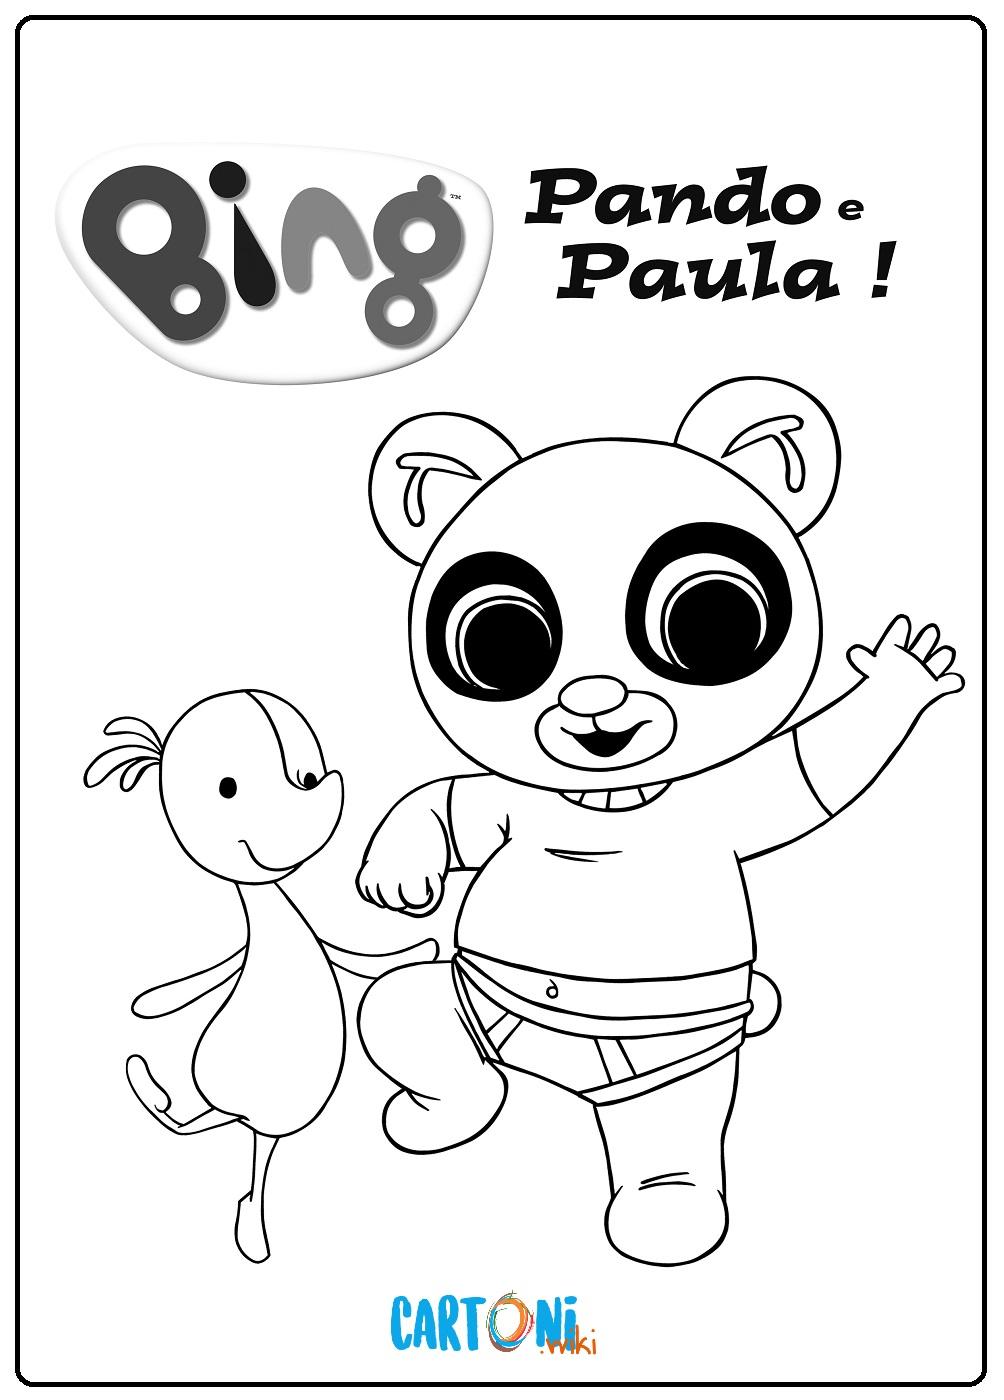 Pando e Paula Disegni da colorare Bing - Stampa e colora